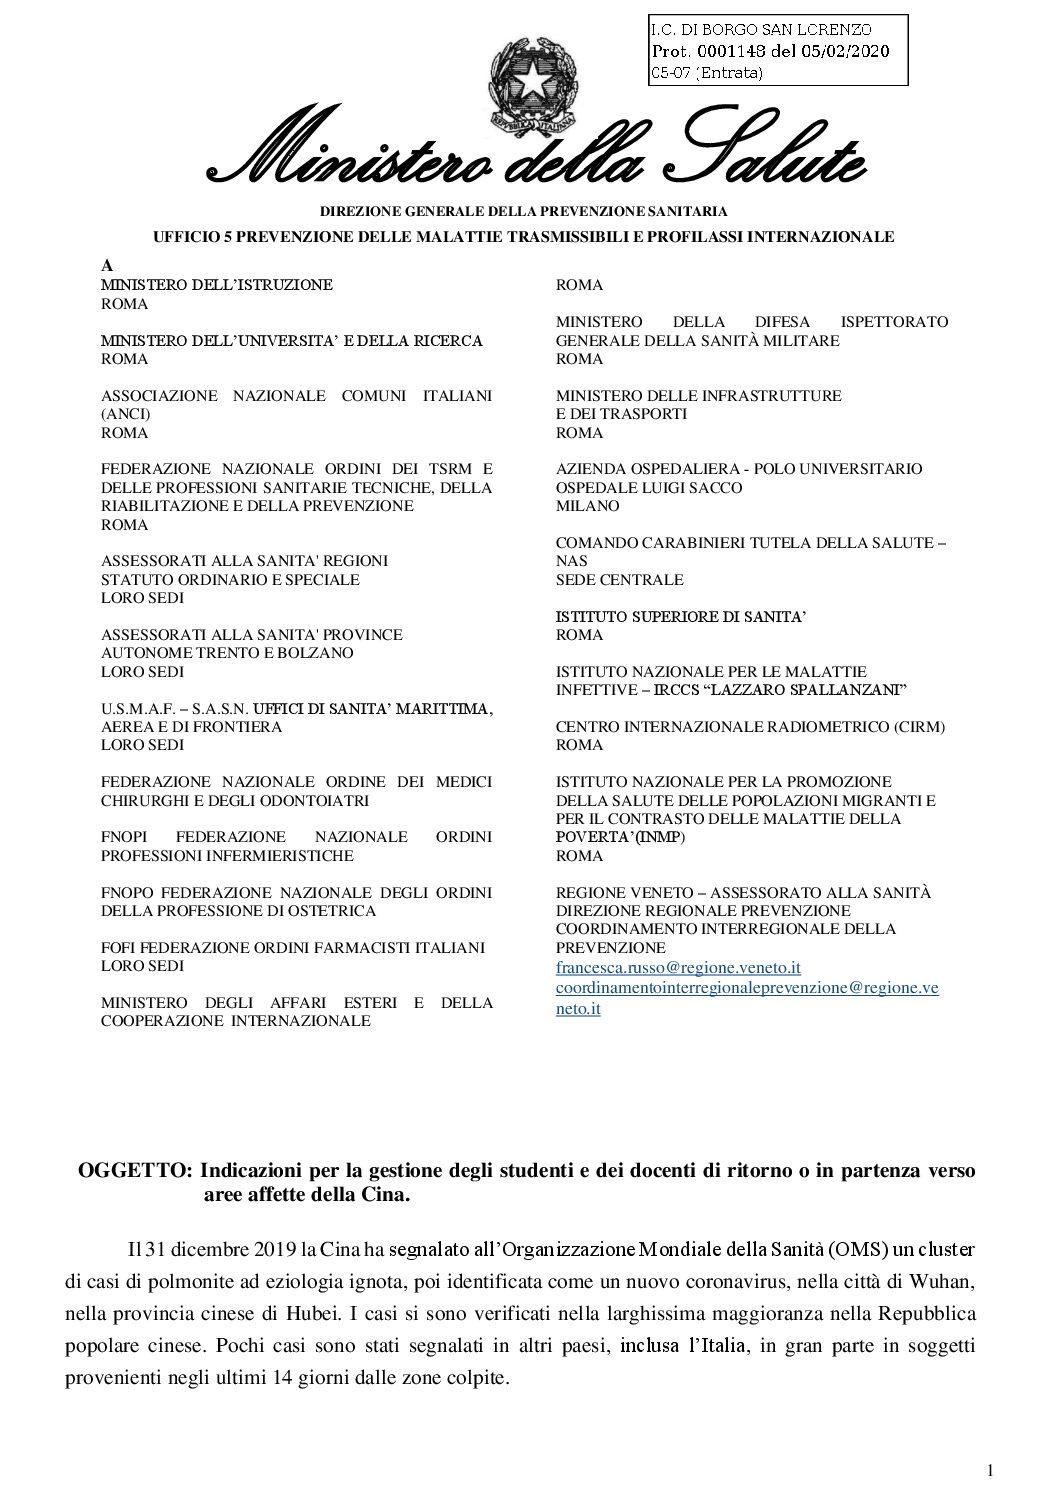 Circolare Ministero Della Salute: indicazioni per la gestione degli studenti e docenti di ritorno o in partenza verso aree affette della Cina.